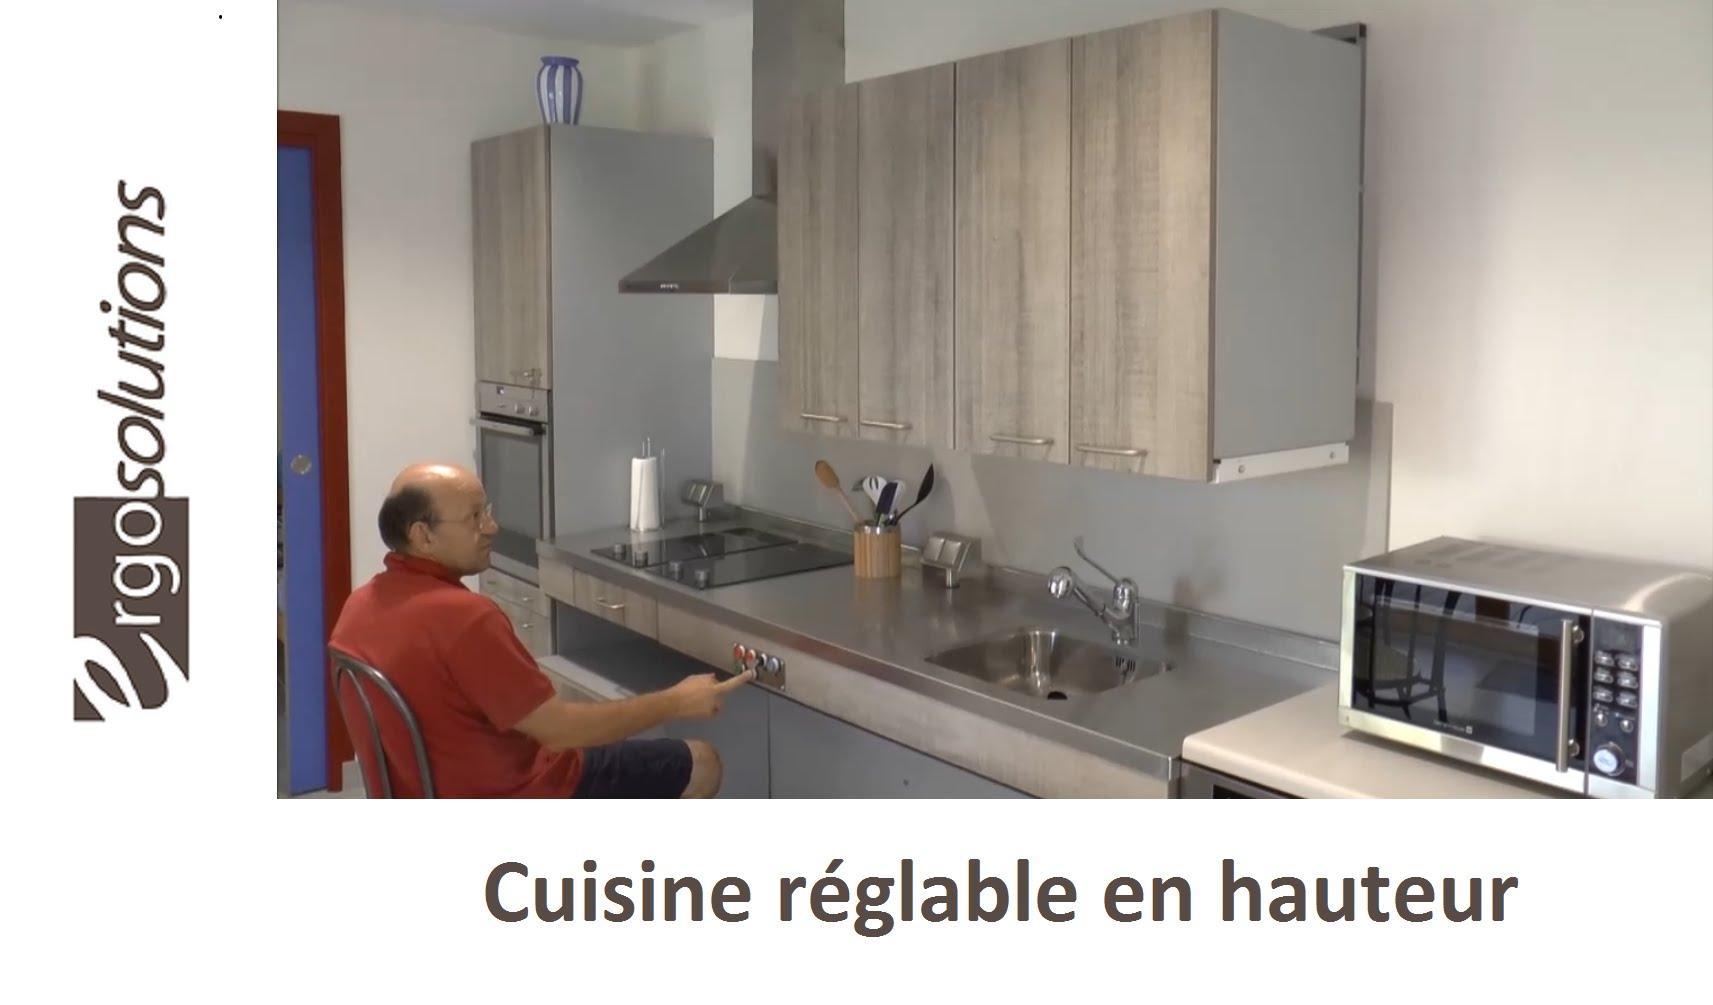 meuble bas cuisine reglable en hauteur